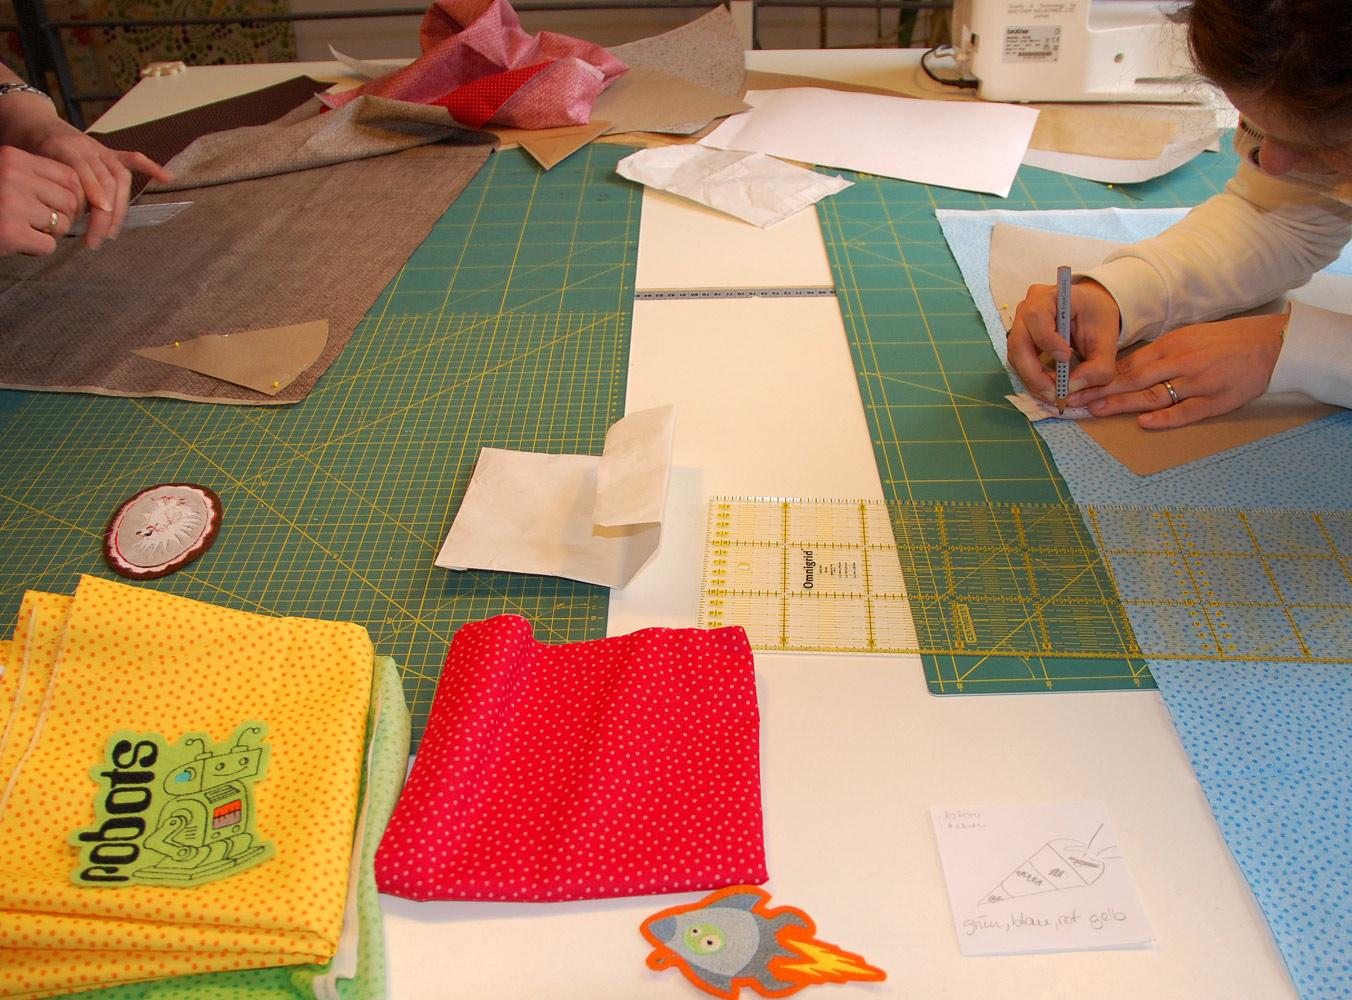 Schultüten-Workshop N°1 2012 2